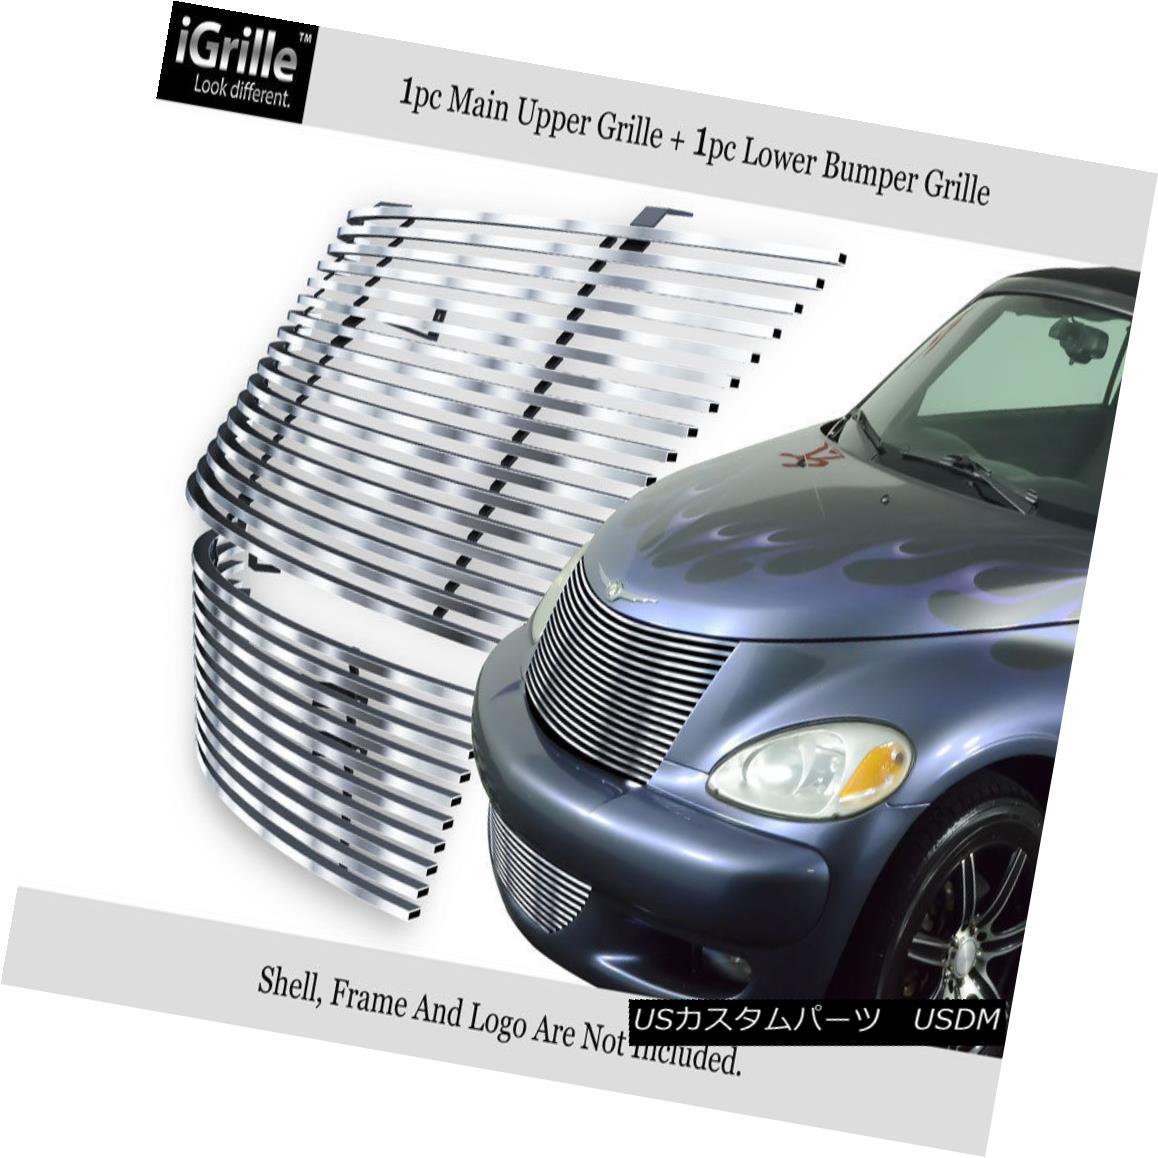 グリル Fits 2000-2005 Chrysler PT Cruiser 304 Stainless Steel Billet Grille Combo 適合2000-2005クライスラーPTクルーザー304ステンレス鋼ビレットグリルコンボ